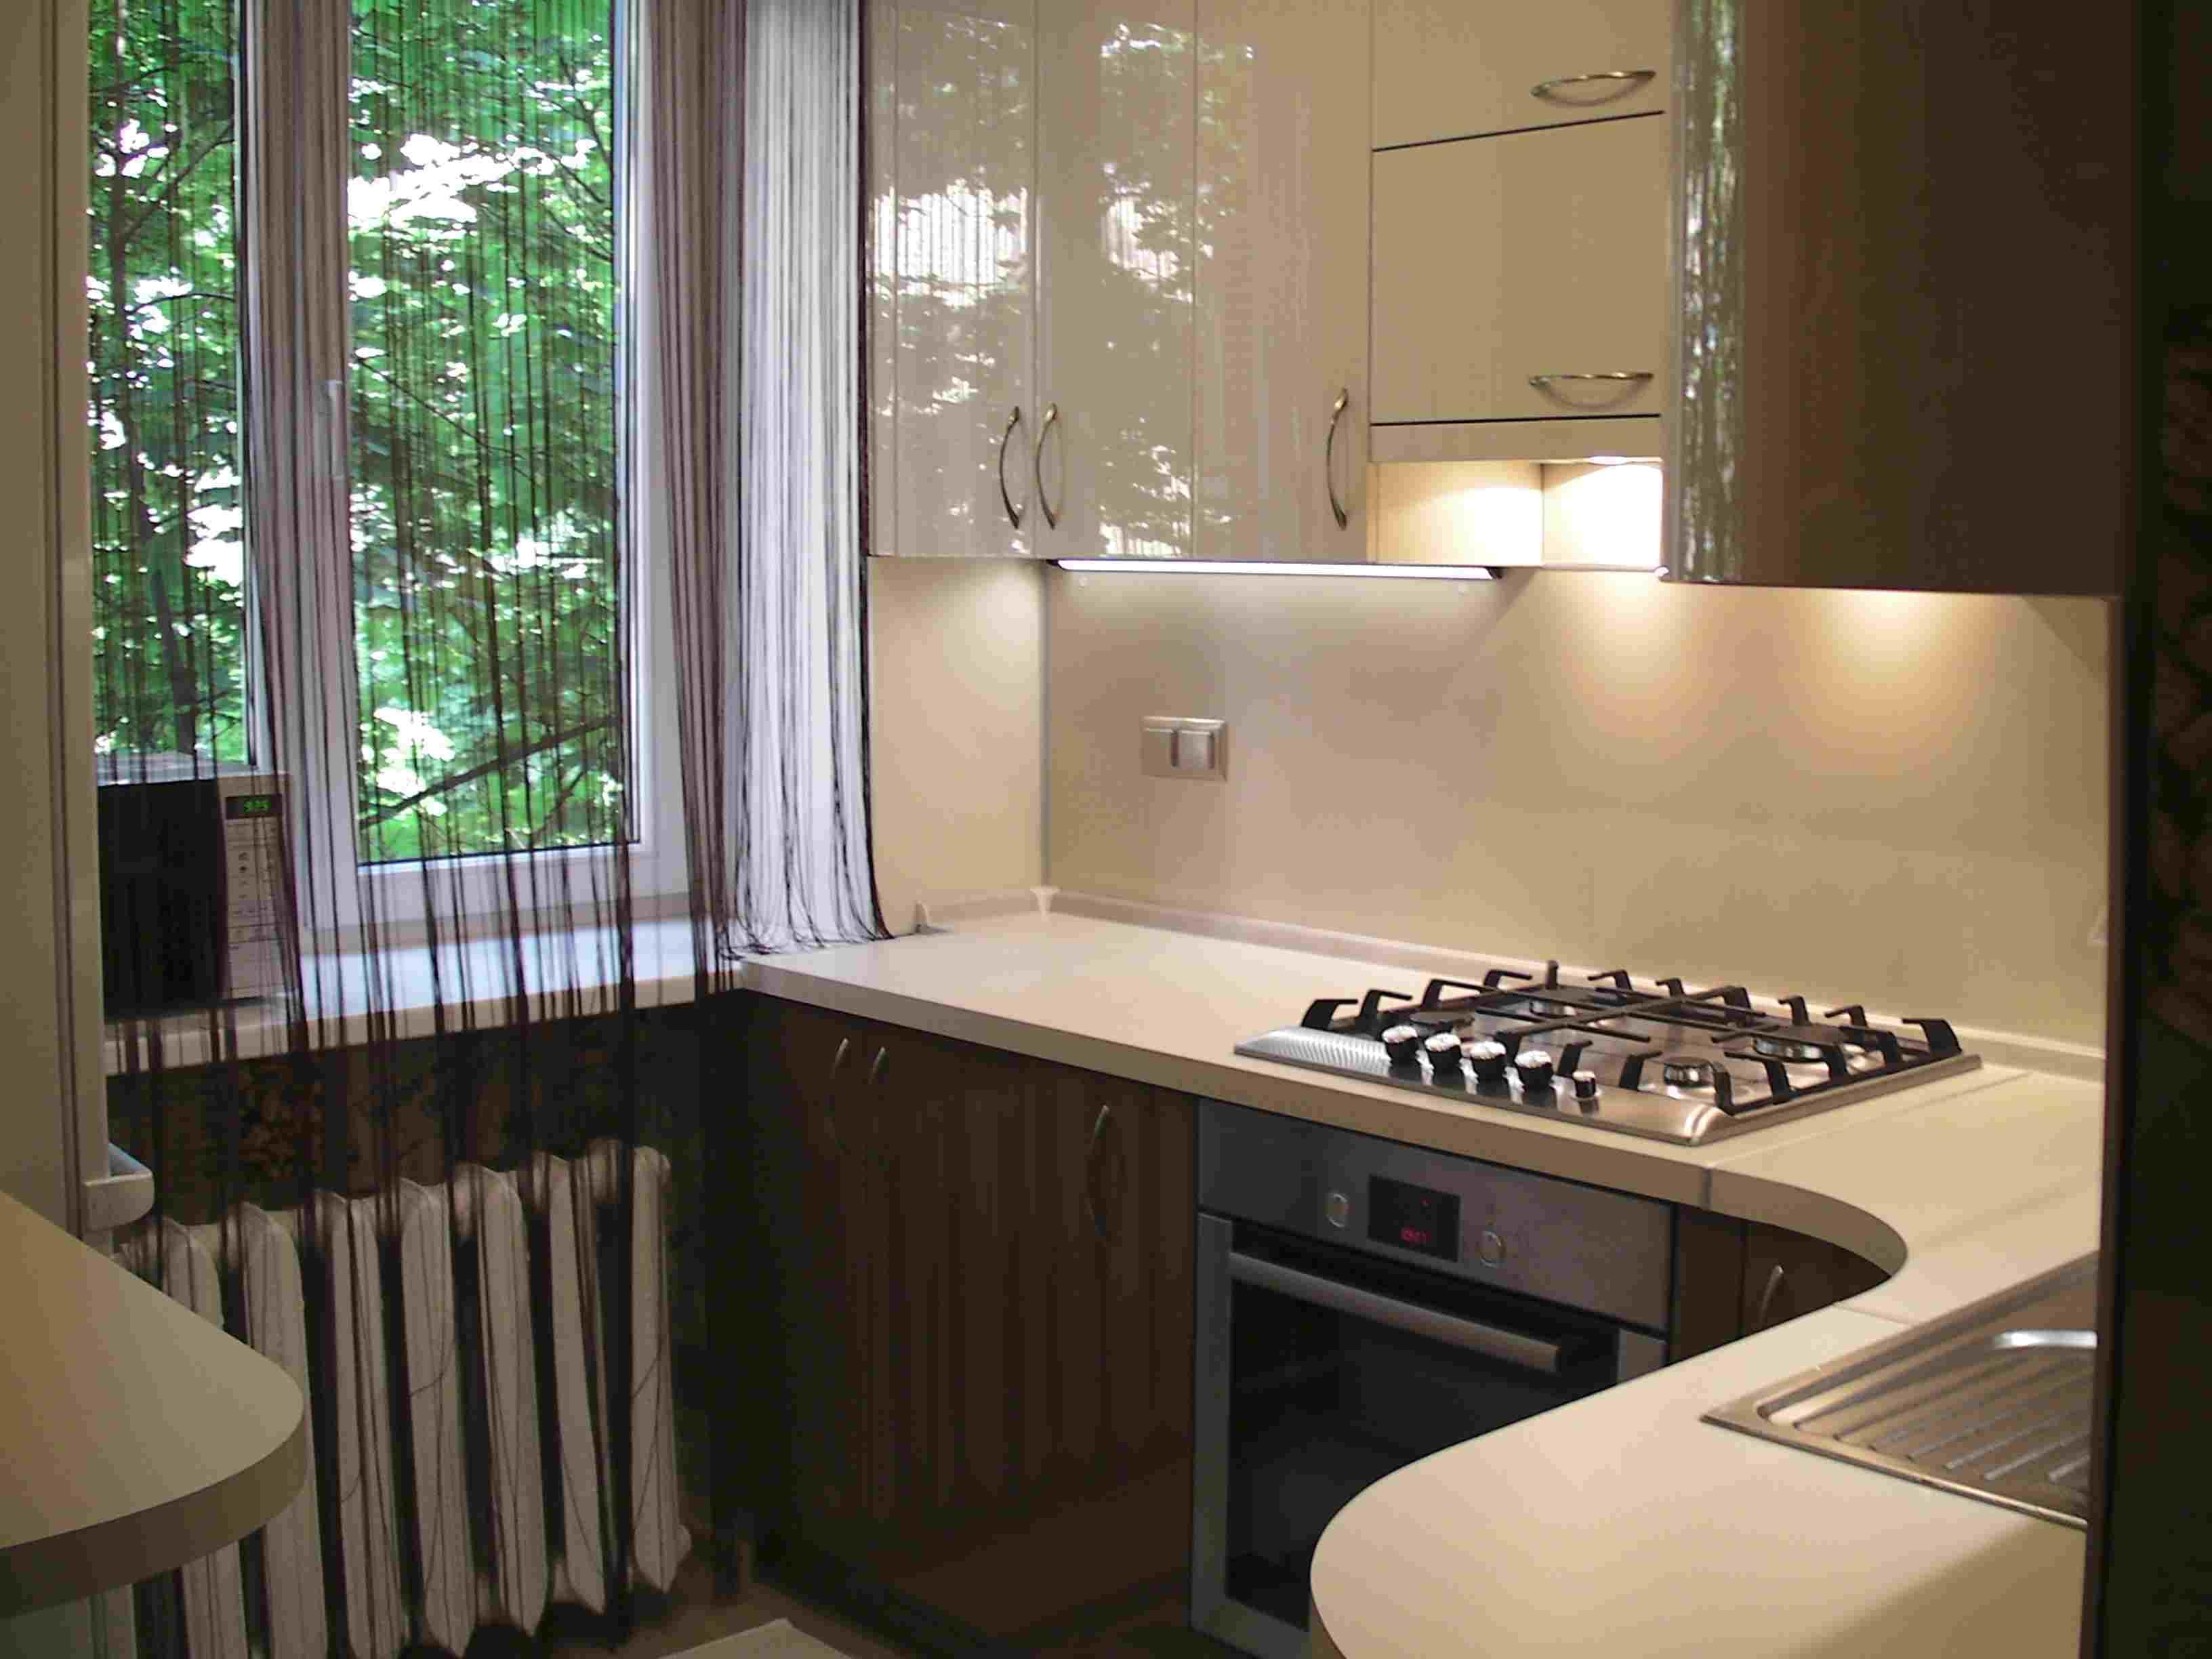 Кухня в хрущевке - 125 фото лучших идей оформления интерьера.